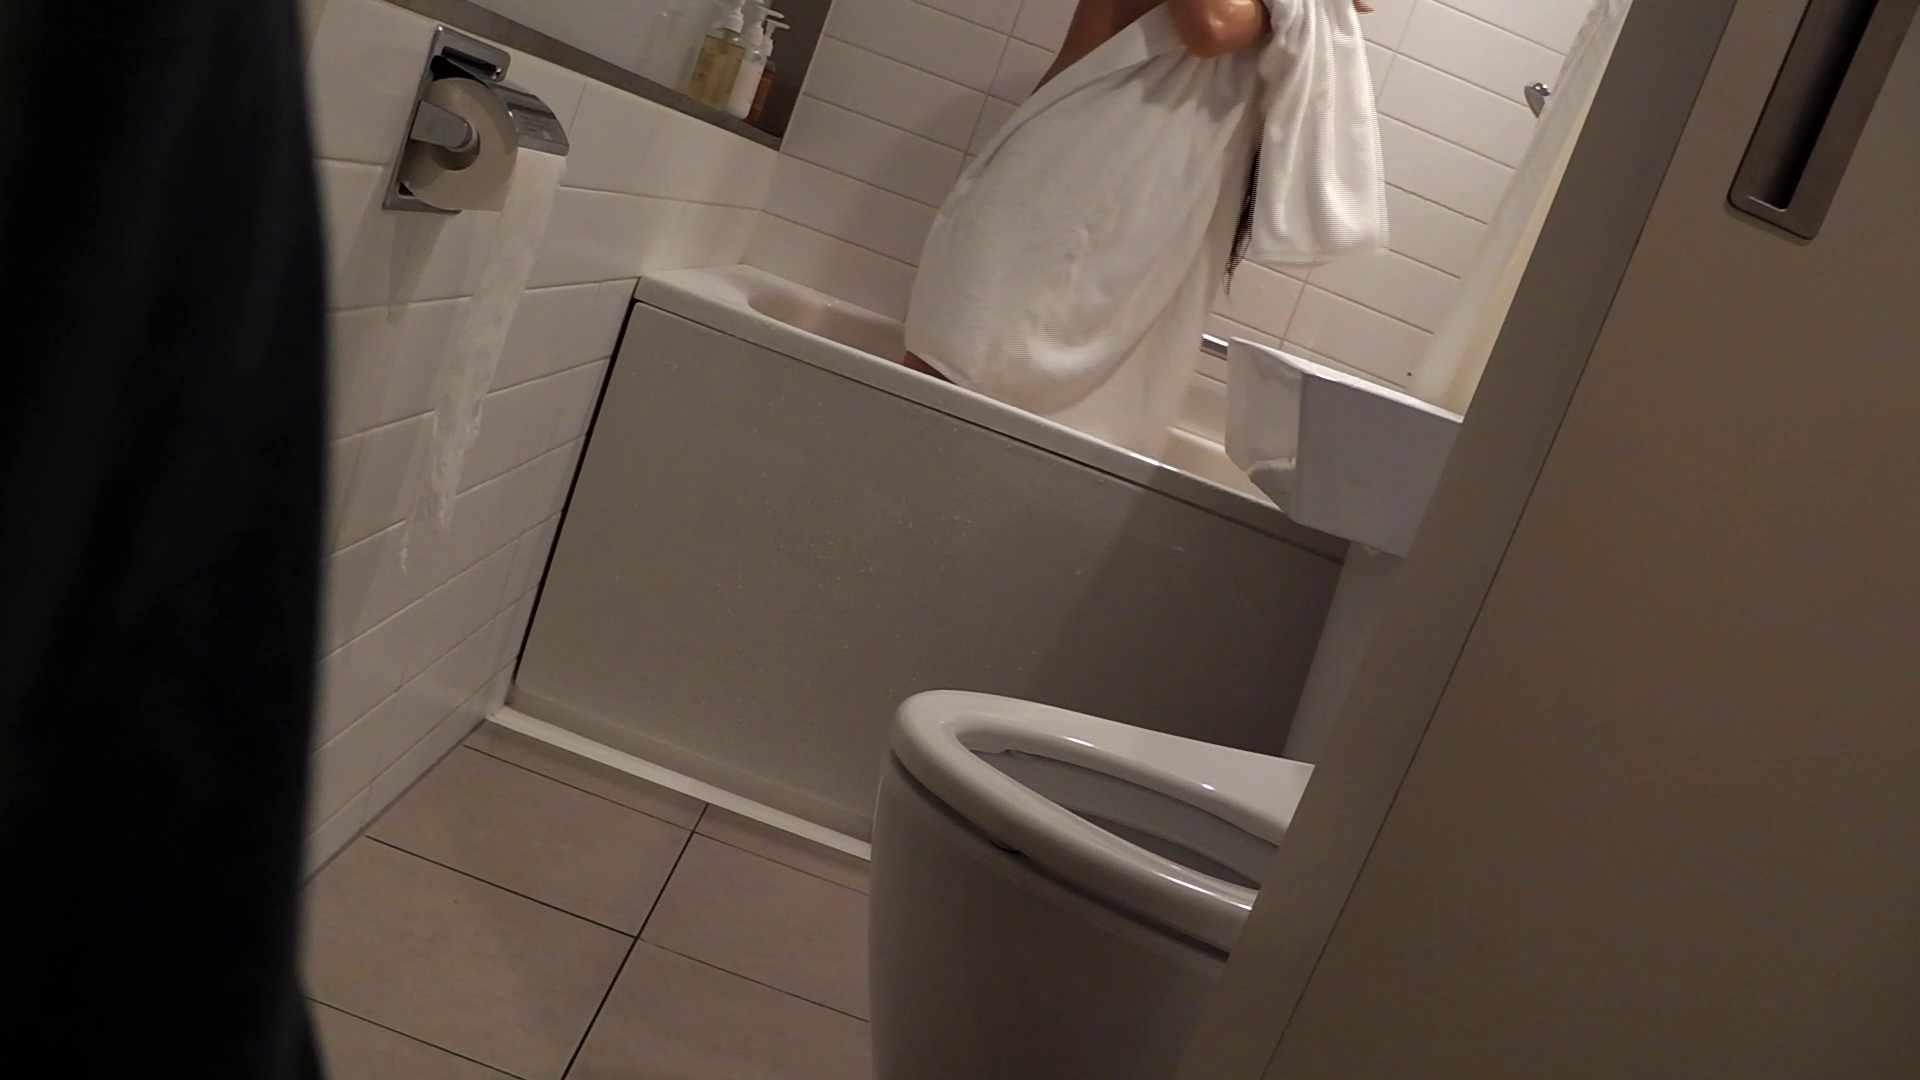 ヒトニアラヅNo.06 (No.03 実行その後・・・。) シャワー室 オマンコ動画キャプチャ 75枚 55